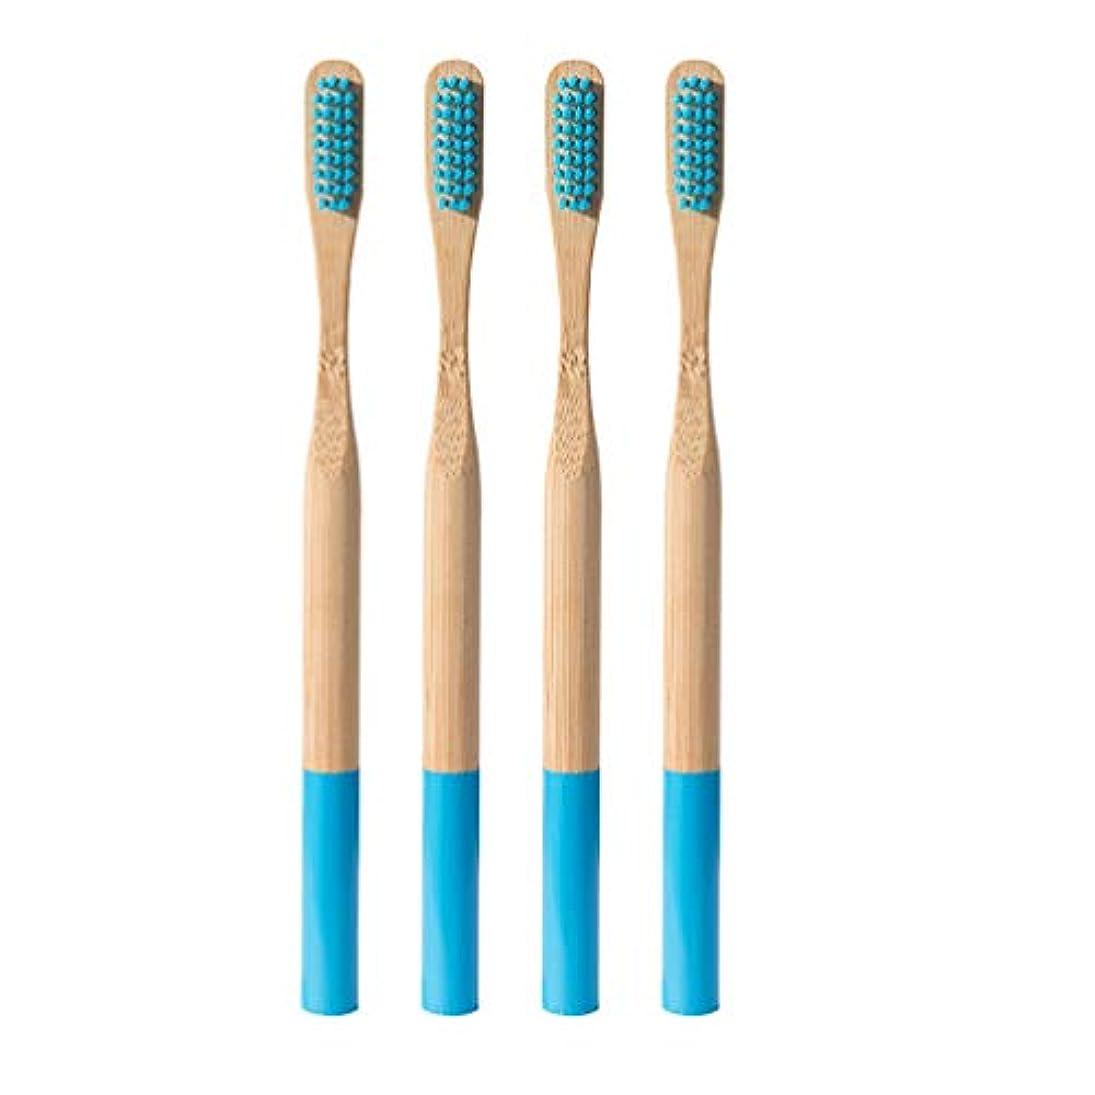 傾く入場実際にHeallily 竹の歯ブラシ4ピースの柔らかい毛の歯ブラシ生分解性の環境に優しい柔らかい歯ブラシ、大人のための細い毛が付いている抗菌性の歯ブラシ(青)